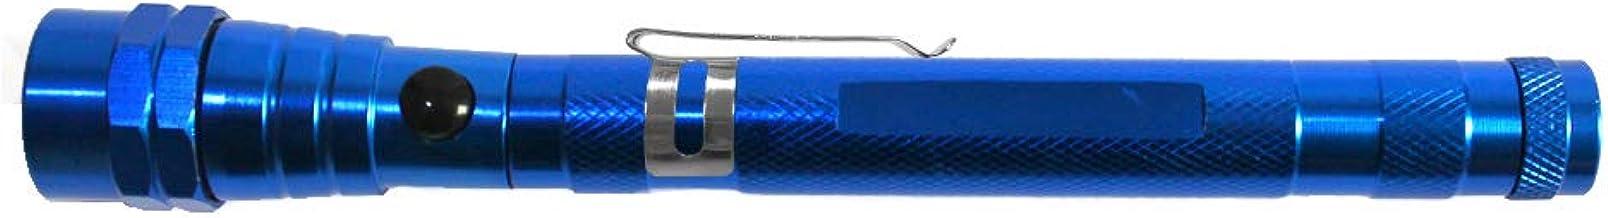 Projects Flexibele LED zaklamp met magneet uittrekbaar waterdicht 'Magic Light' royal blue | super heldere telescopische z...